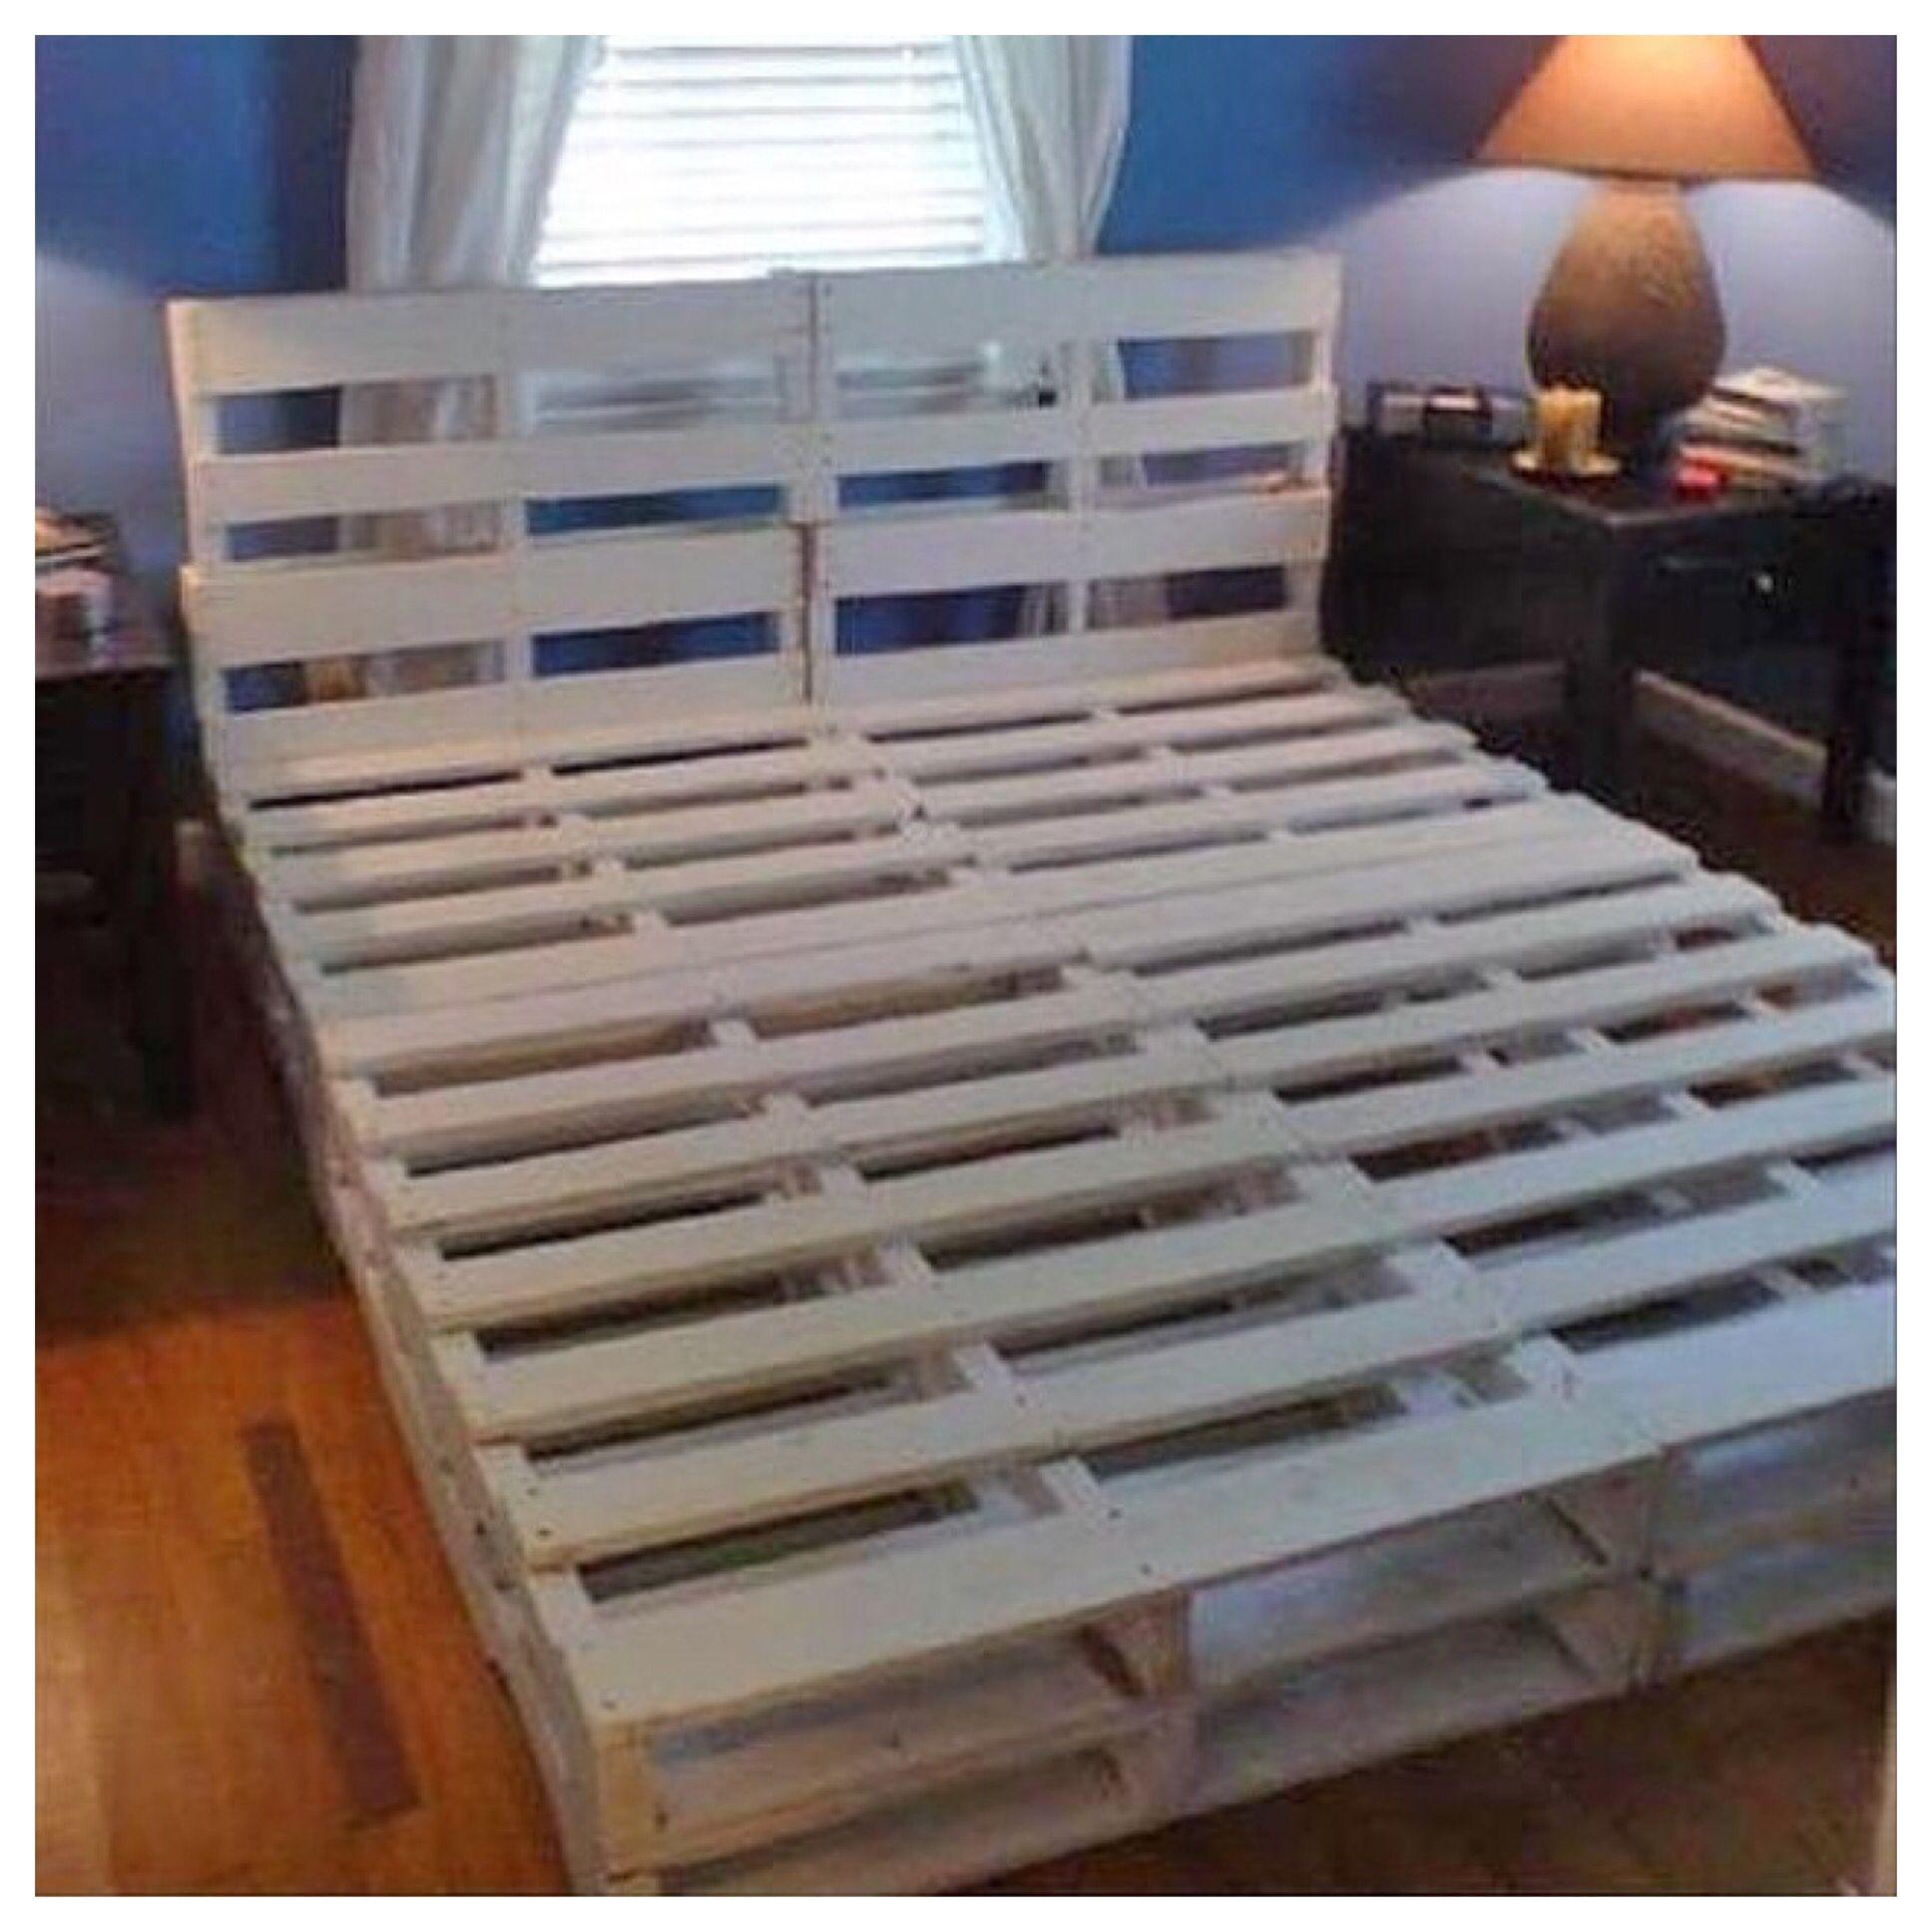 Skid Bed Affordable With Style Pallet Bed Frame Diy Diy Pallet